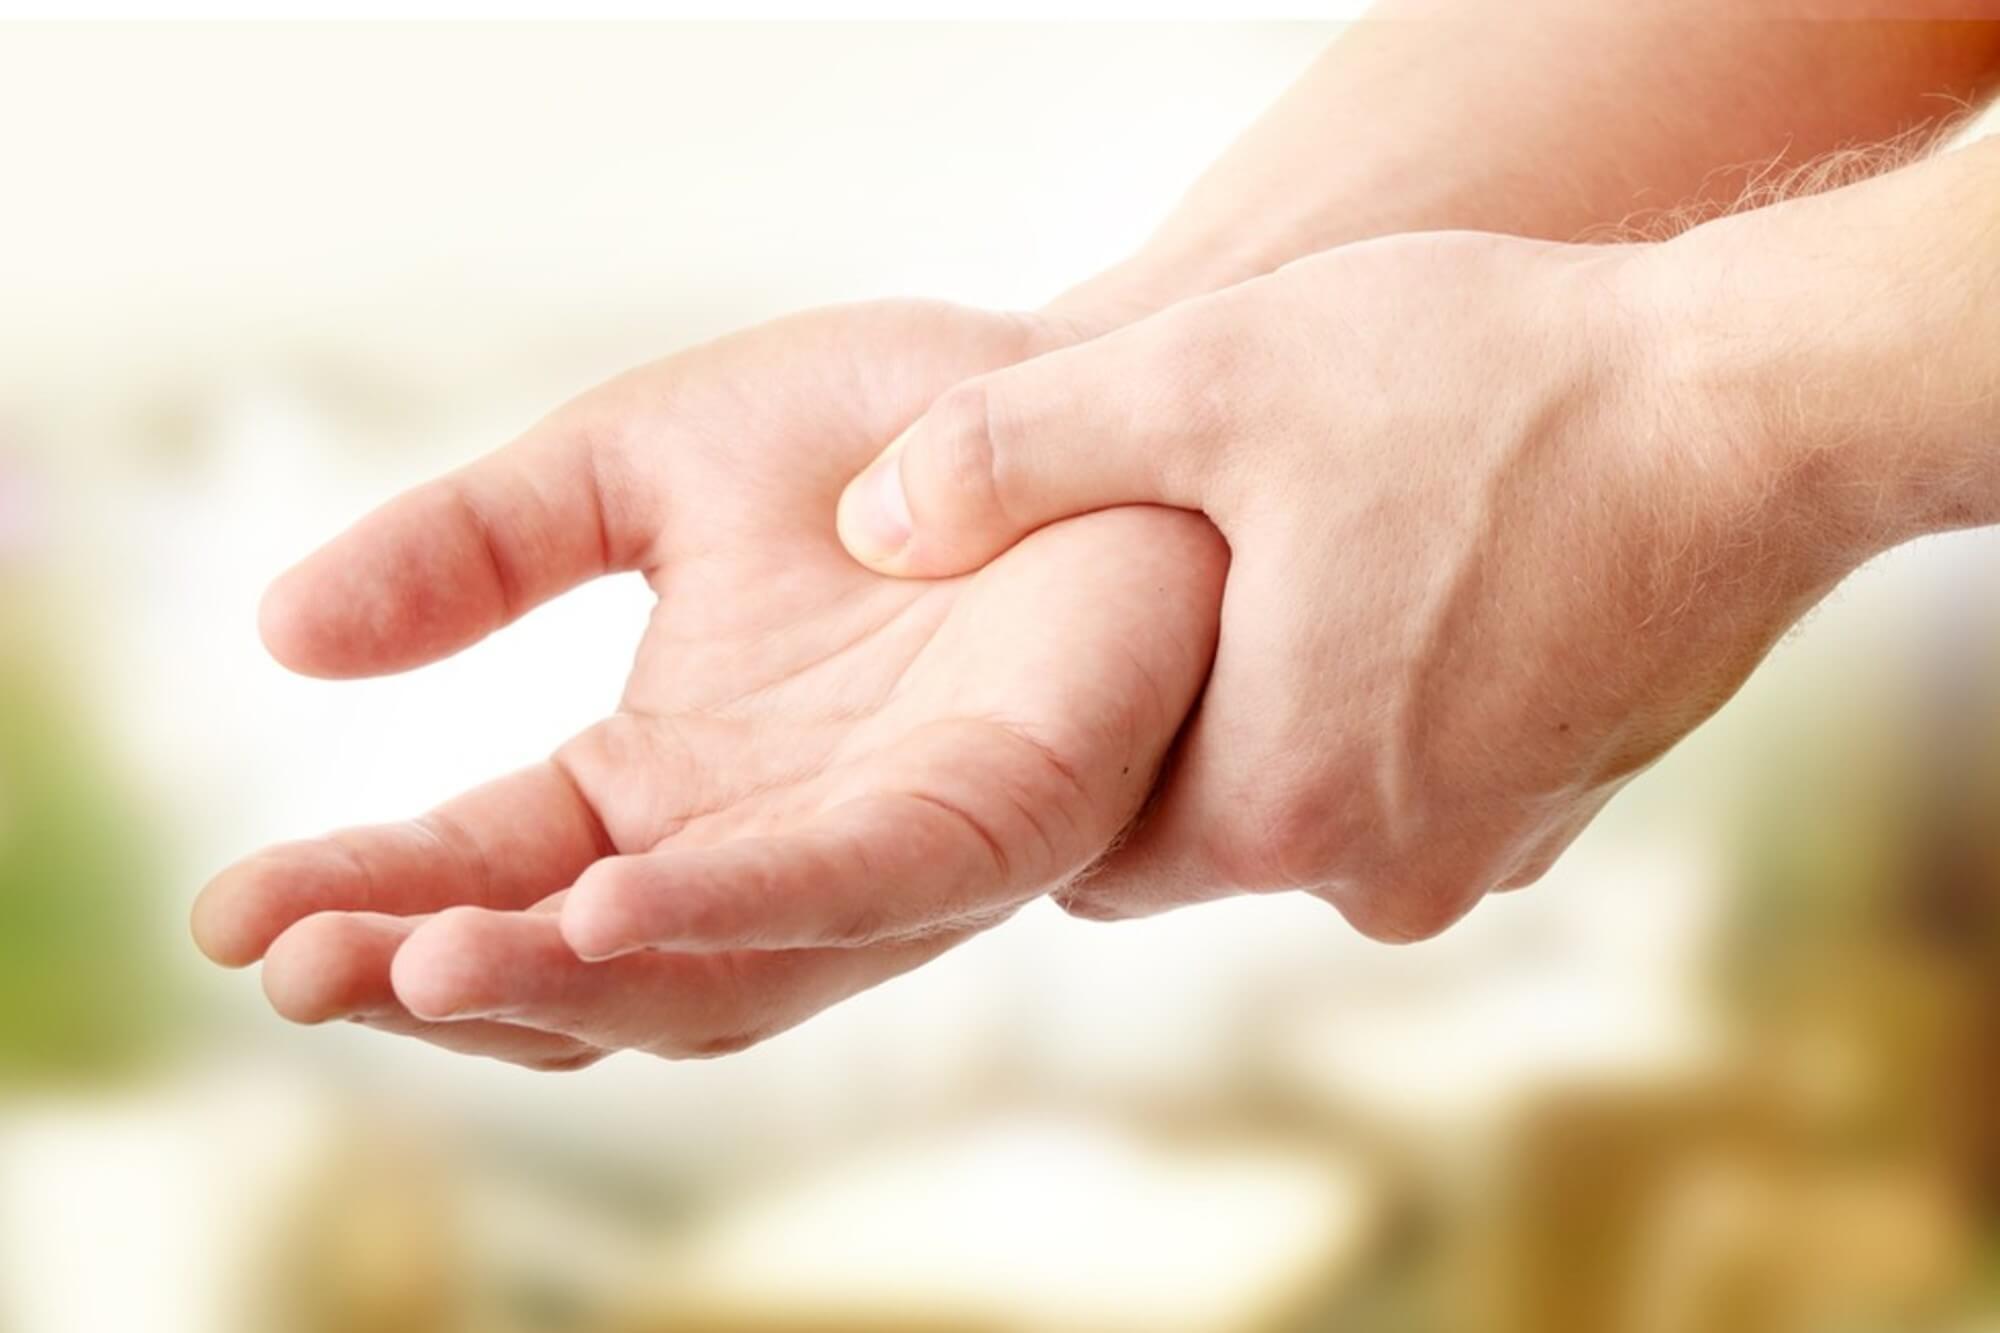 fájdalom az ujjakban a vállízület ízületi fájdalma